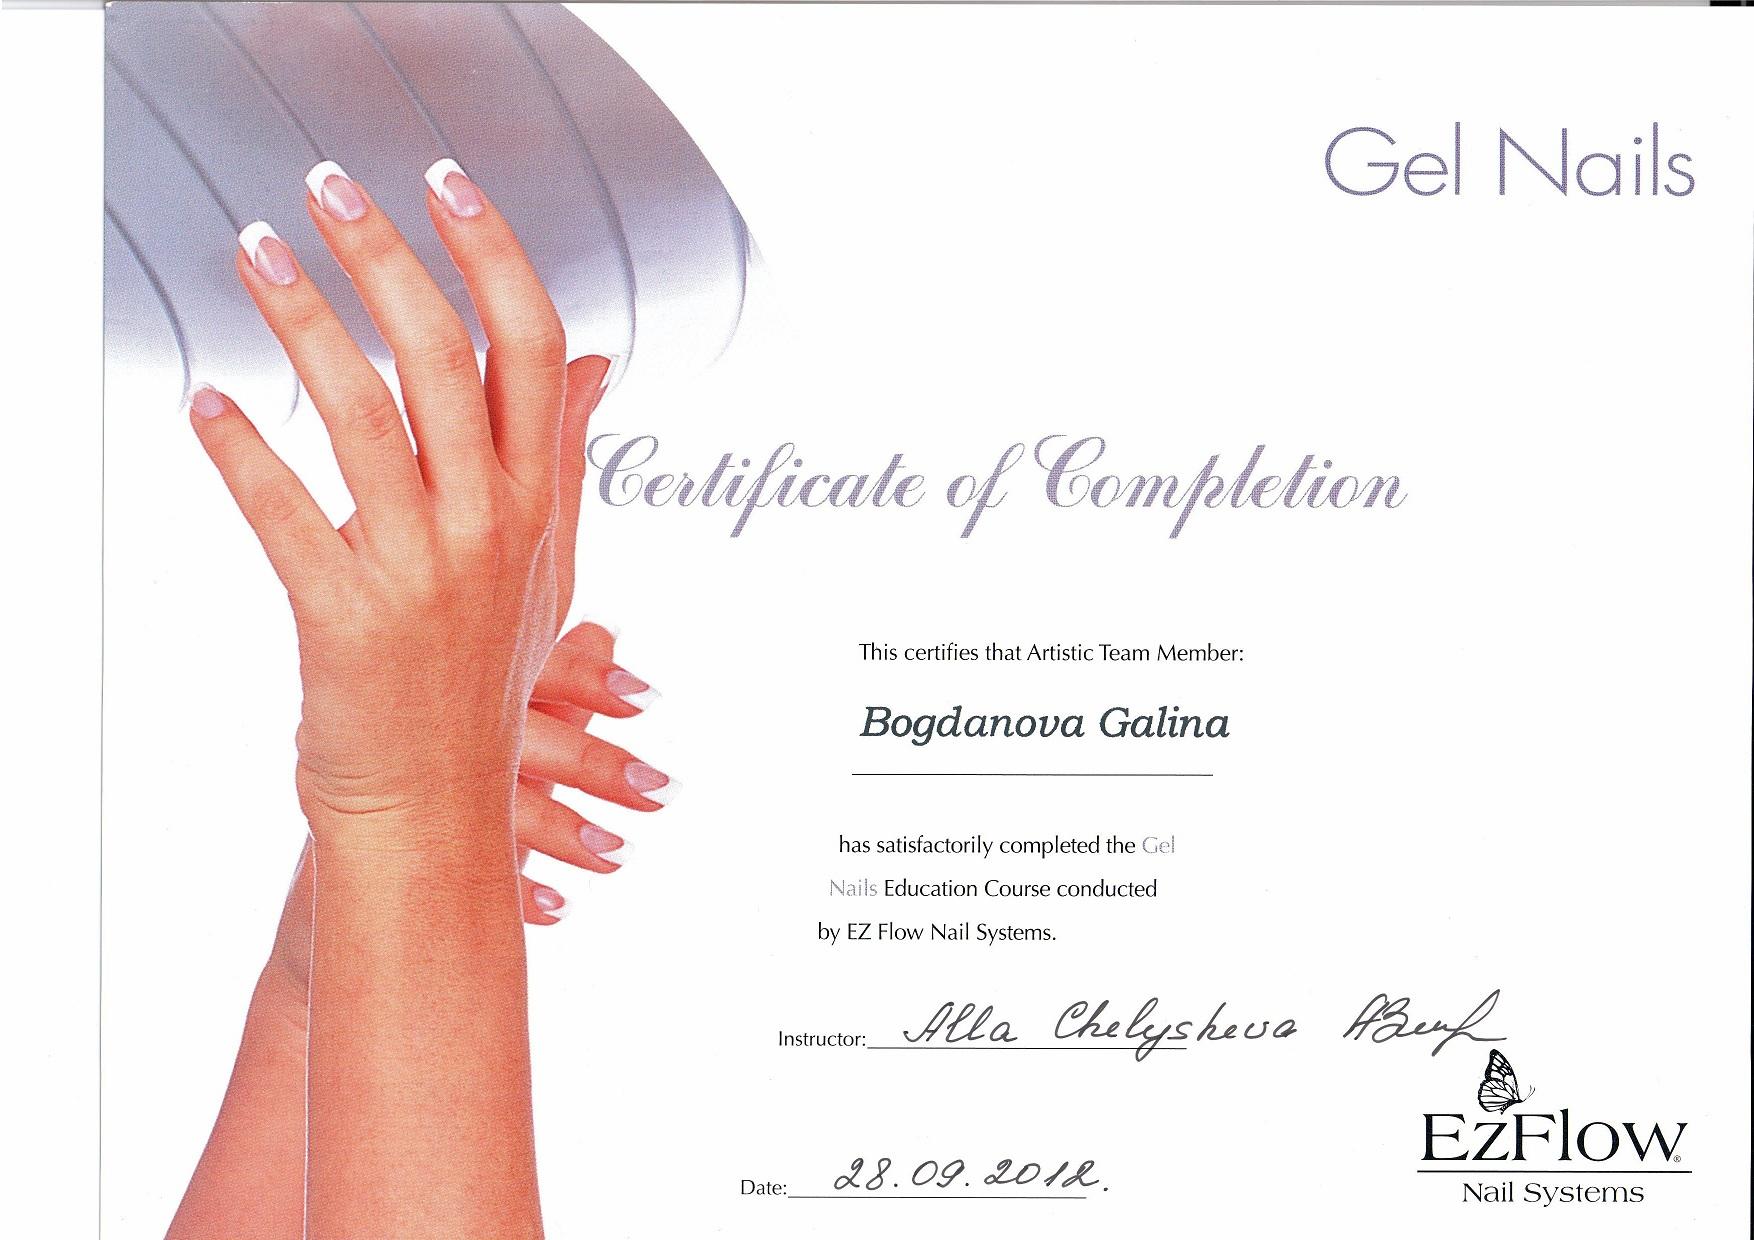 2012 Gel Nails